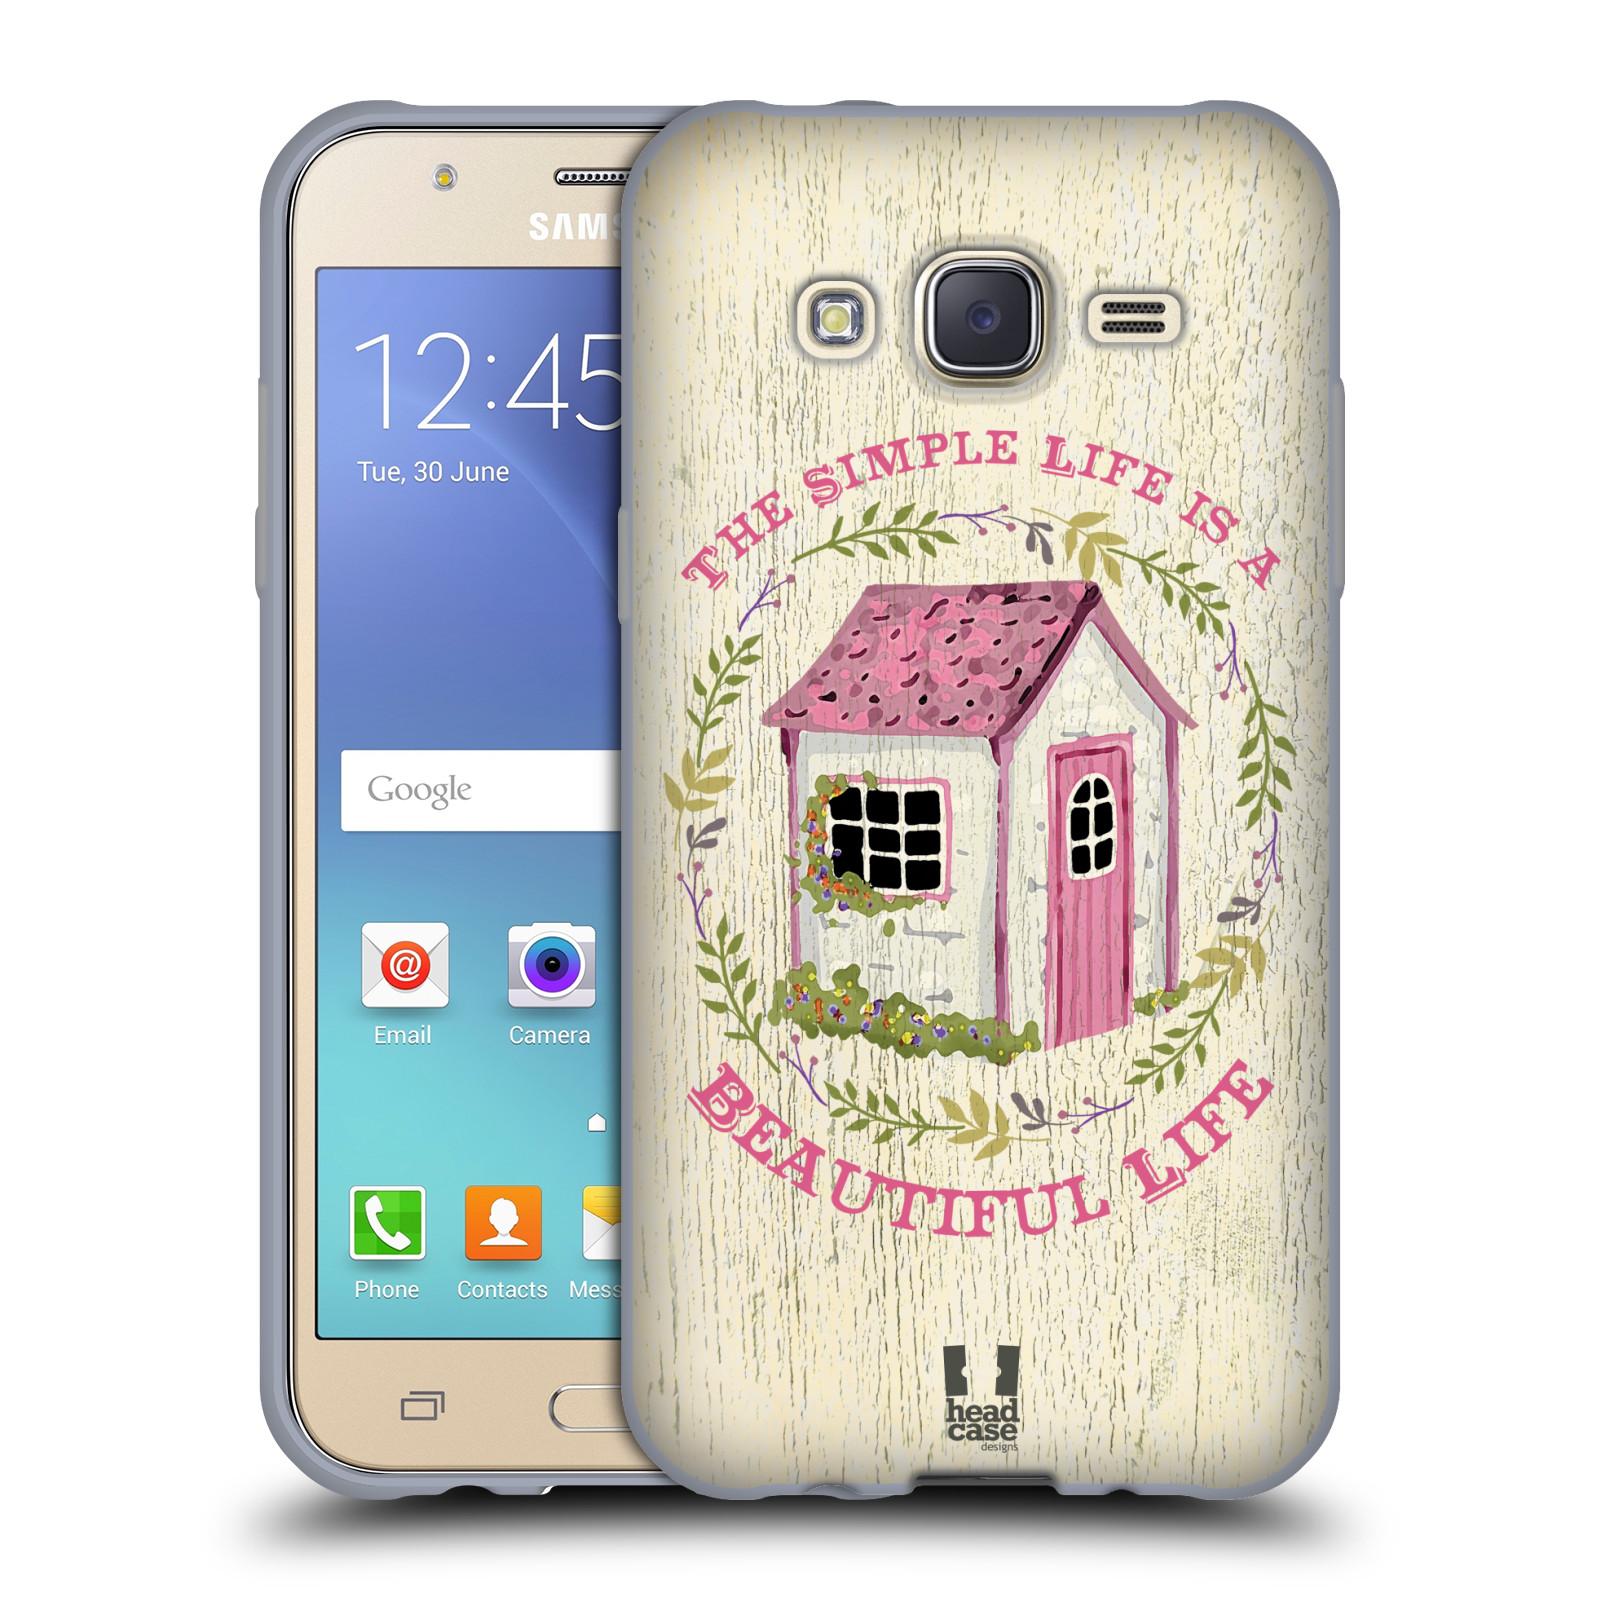 Head Case Silikonov Obal Na Mobil Samsung Galaxy J5 J500 Duos Vzor Barevn Venkov Vintage Rov Chatika